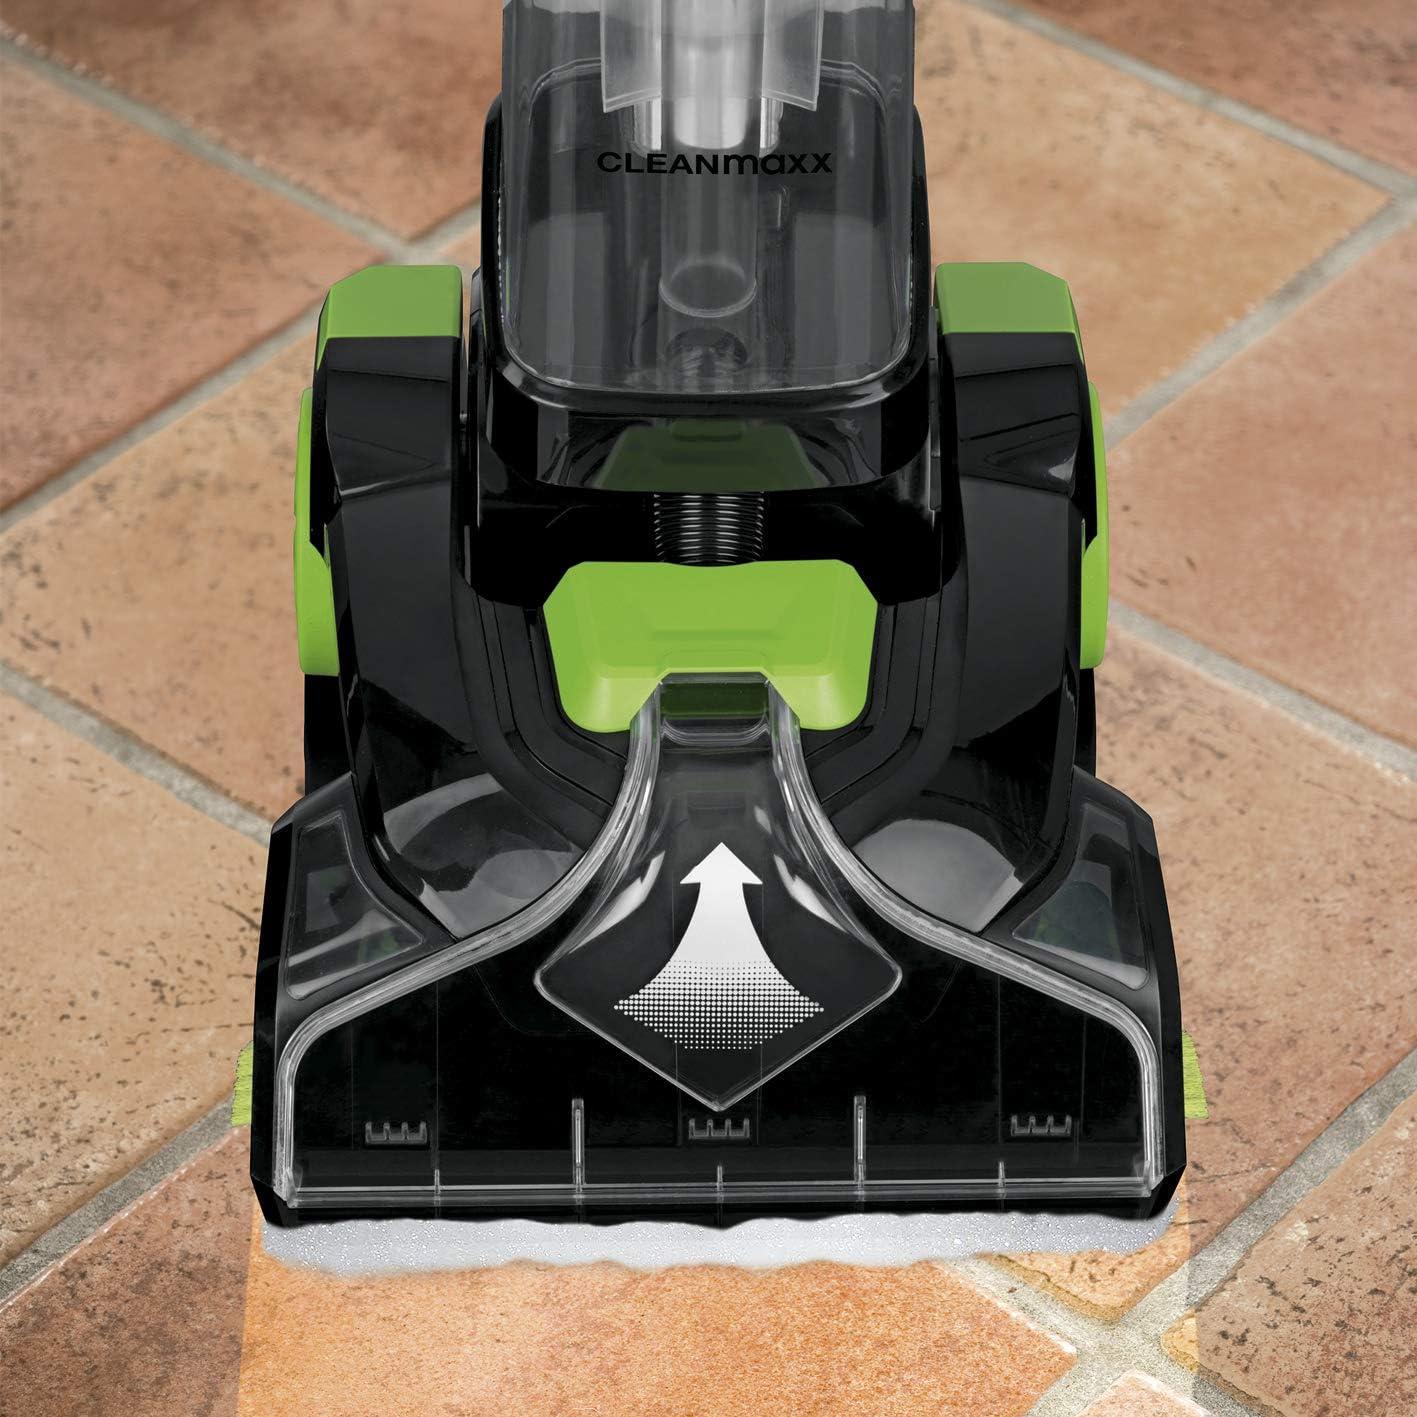 Teppichreiniger Pro, schwarz Shampoo Reinigungssystem mit Vibrations- und Seitenb/ürsten Waschsauger inkl 800 Watt CLEANmaxx Bodenreinger f/ür Hartb/öden und Teppiche